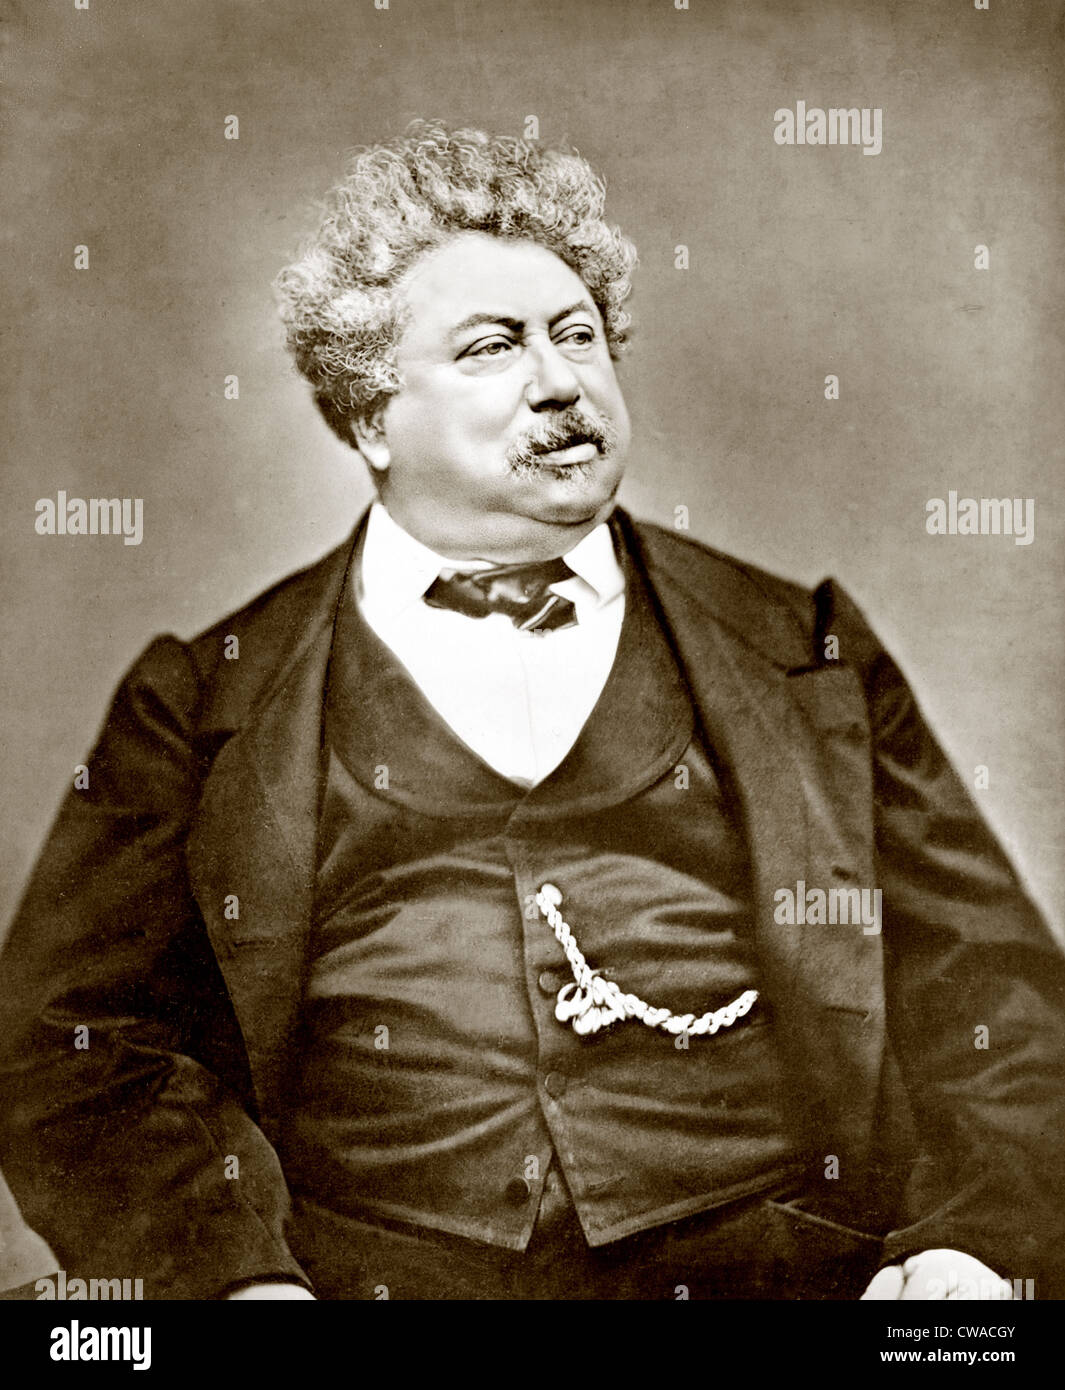 Alexandre Dumas père (1802-1870) dramaturge français populaire et de romans historiques, mieux connu comme Photo Stock